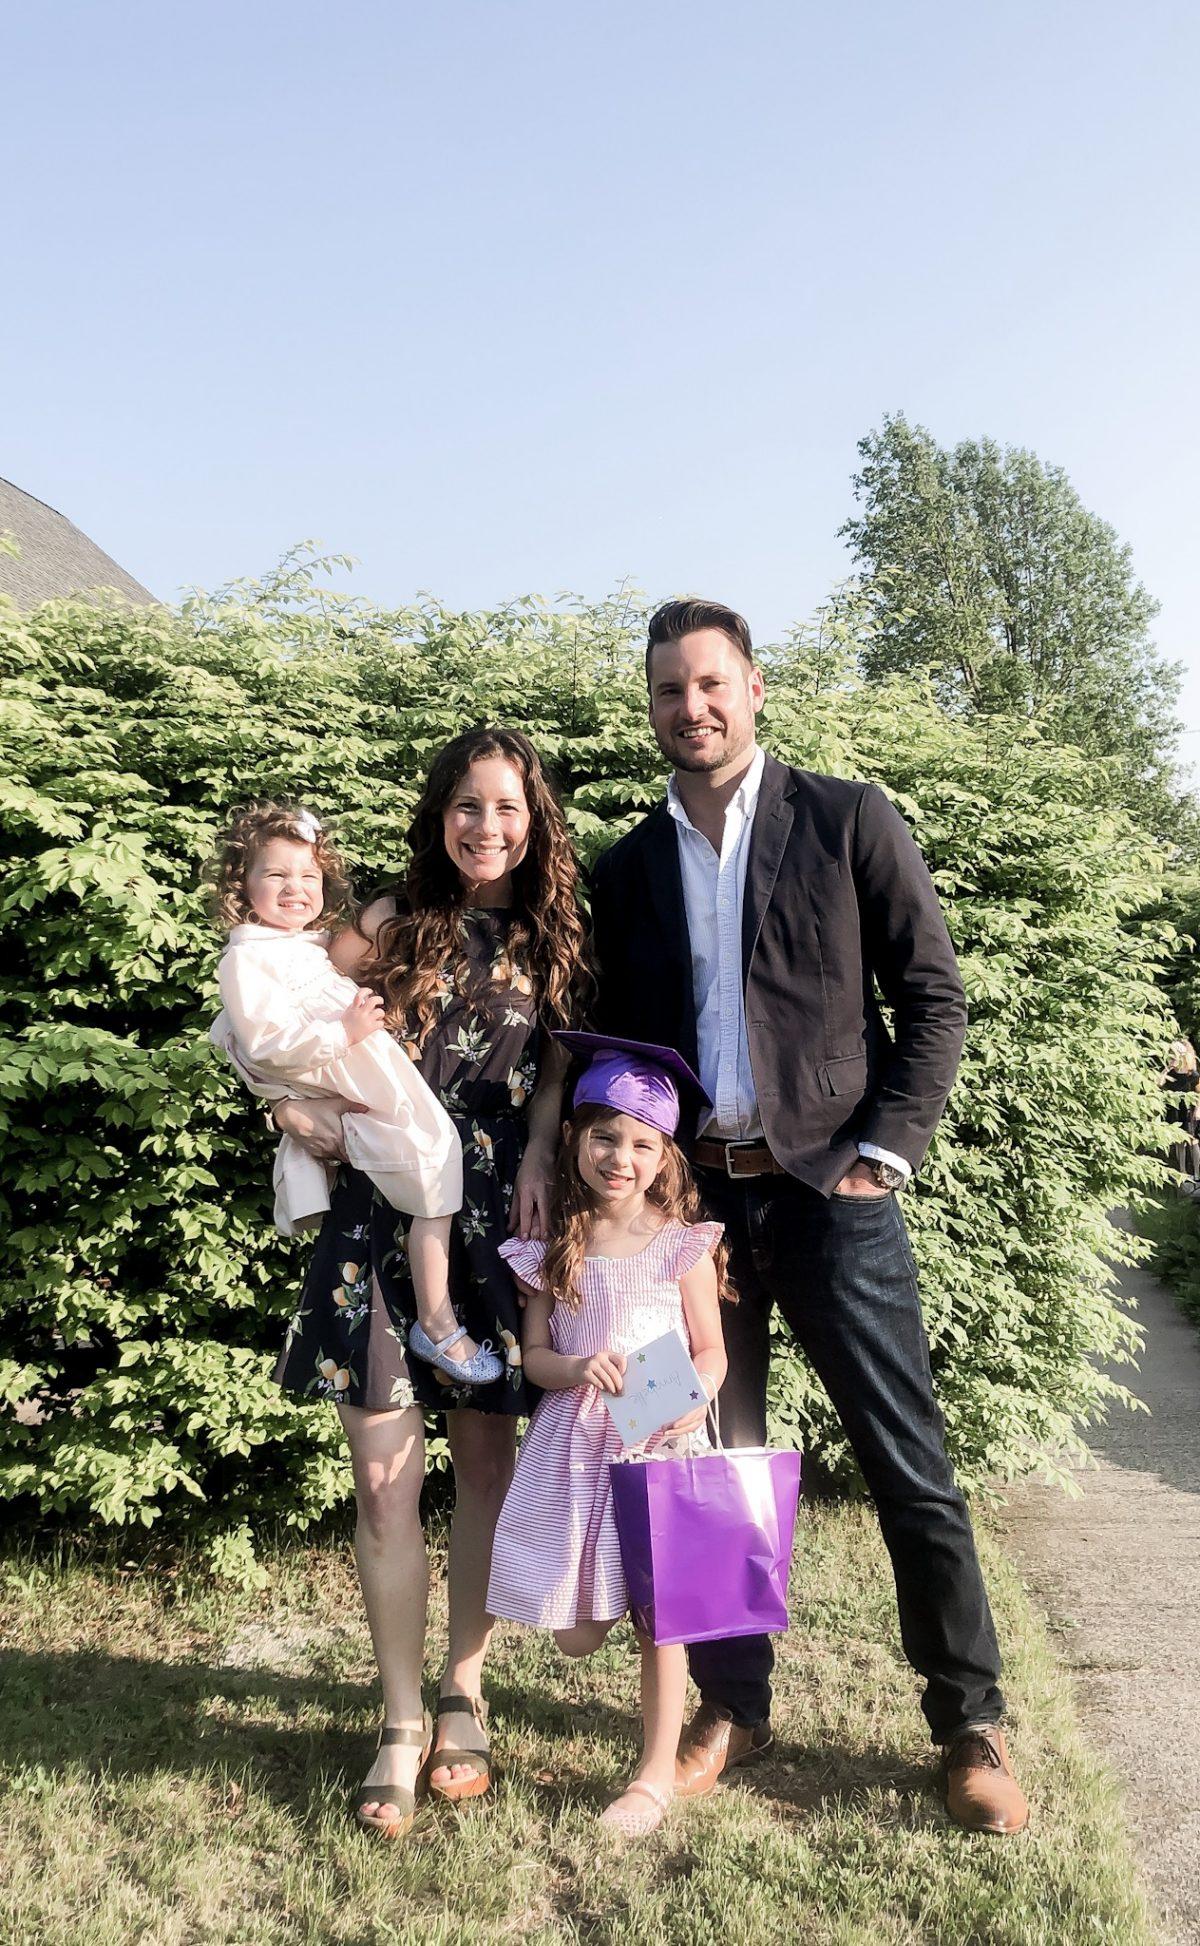 PreschoolGraduation Family Photo